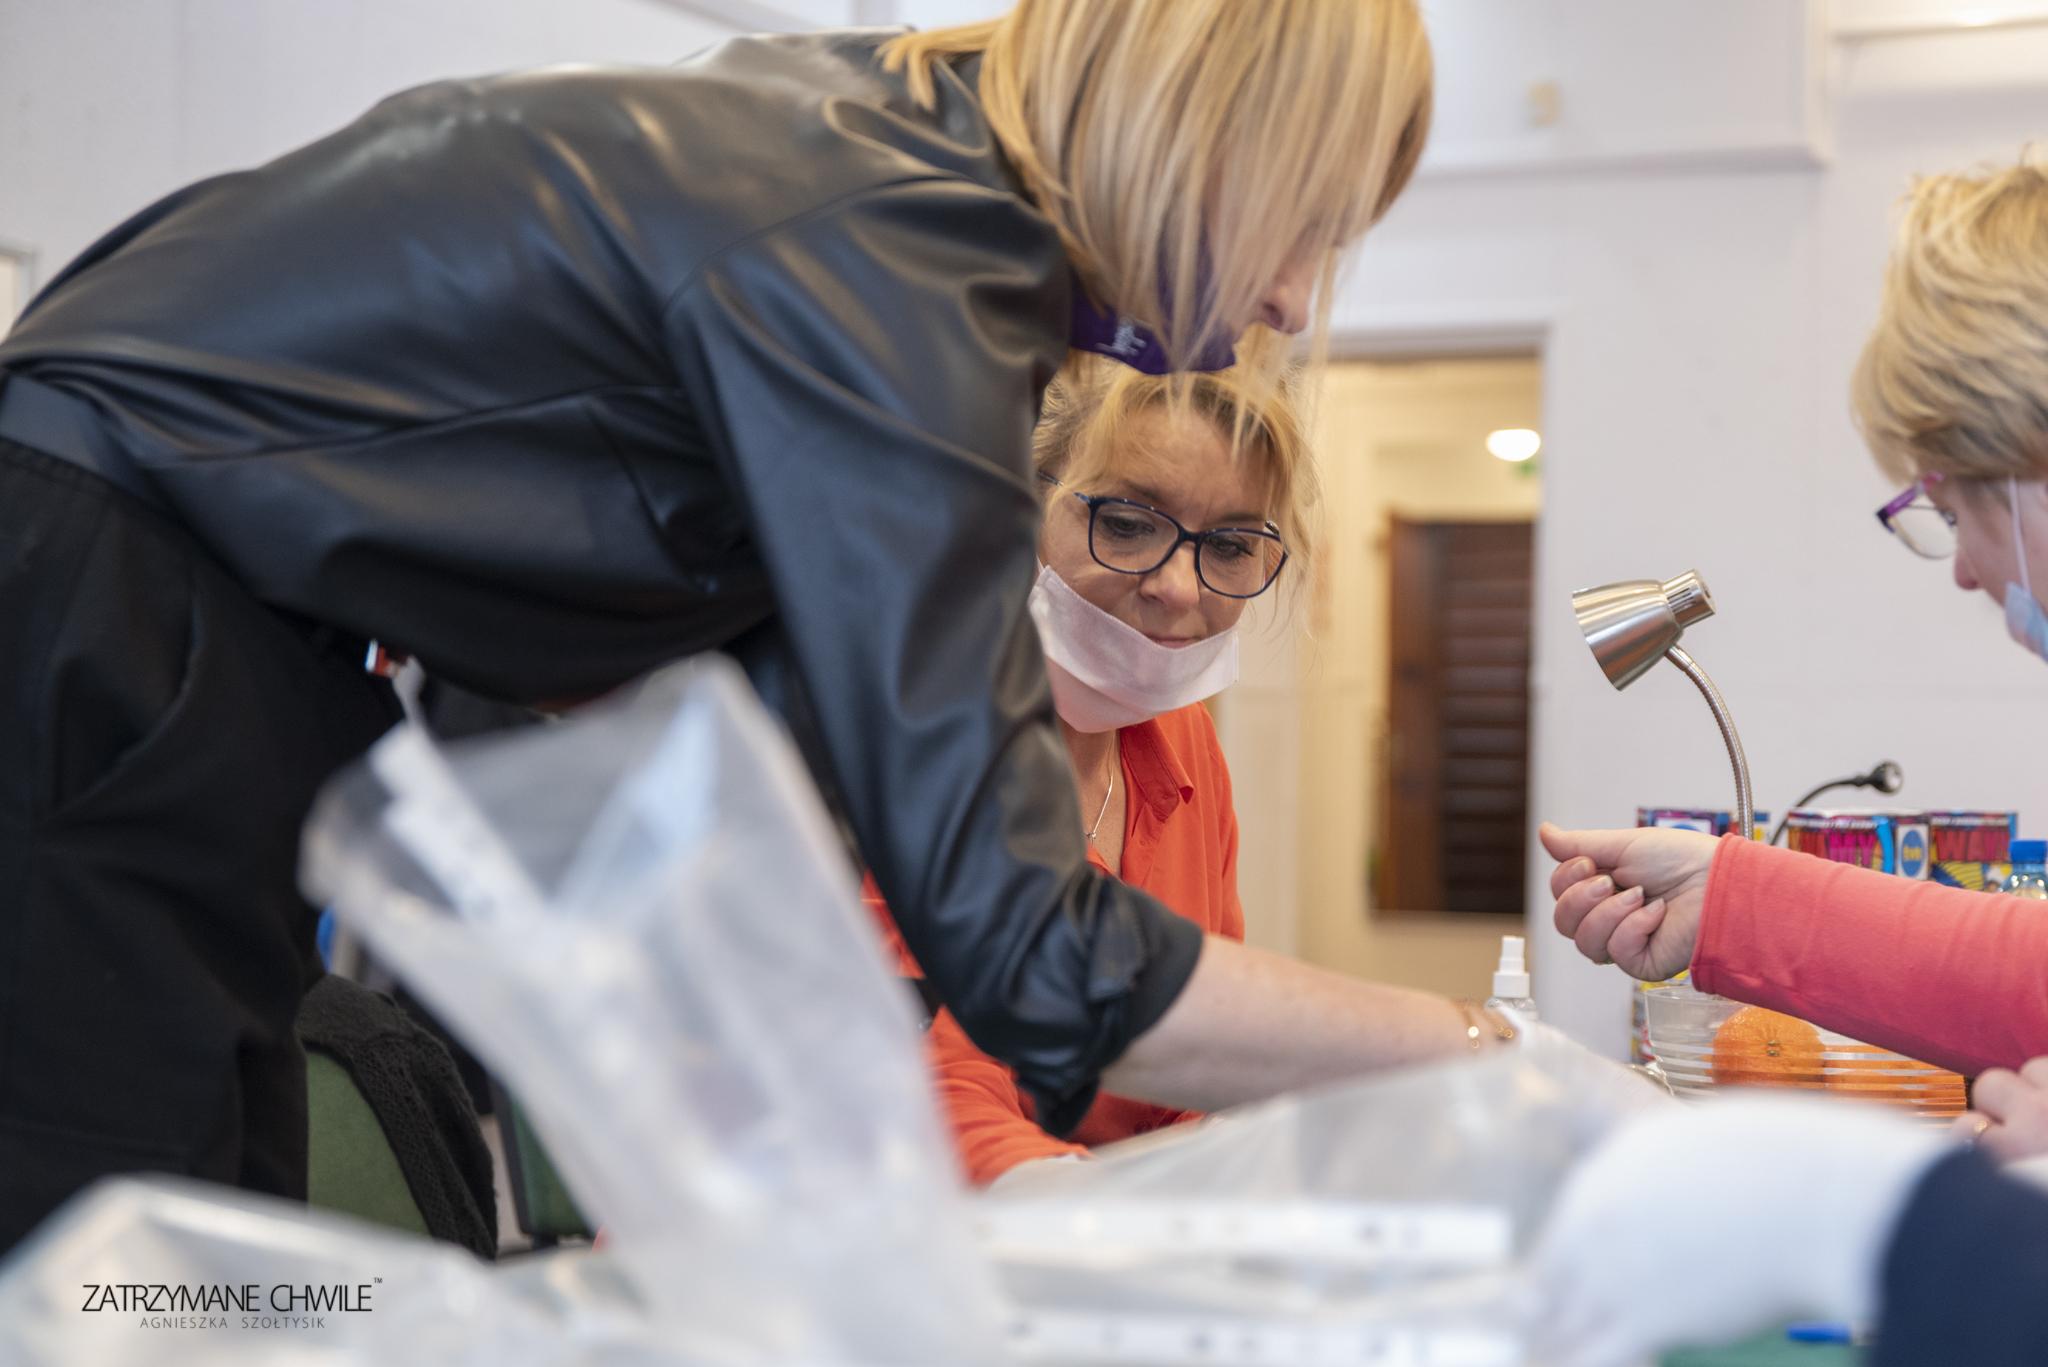 zdjęcie; kobieta w czerni nachyla się nad stołem i liczy pieniądze obok i na przeciw niej dwie kobiety siedzące liczą pieniądze na WOŚP